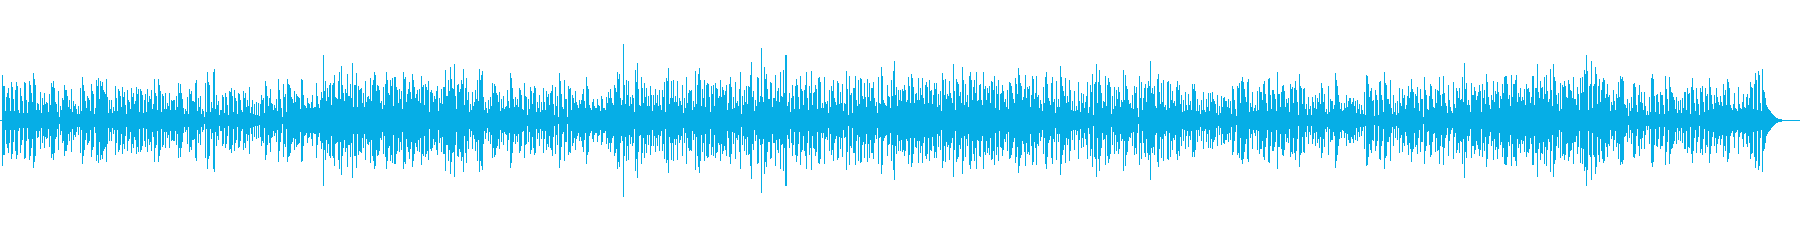 疾走感あふれるジャズの再生済みの波形